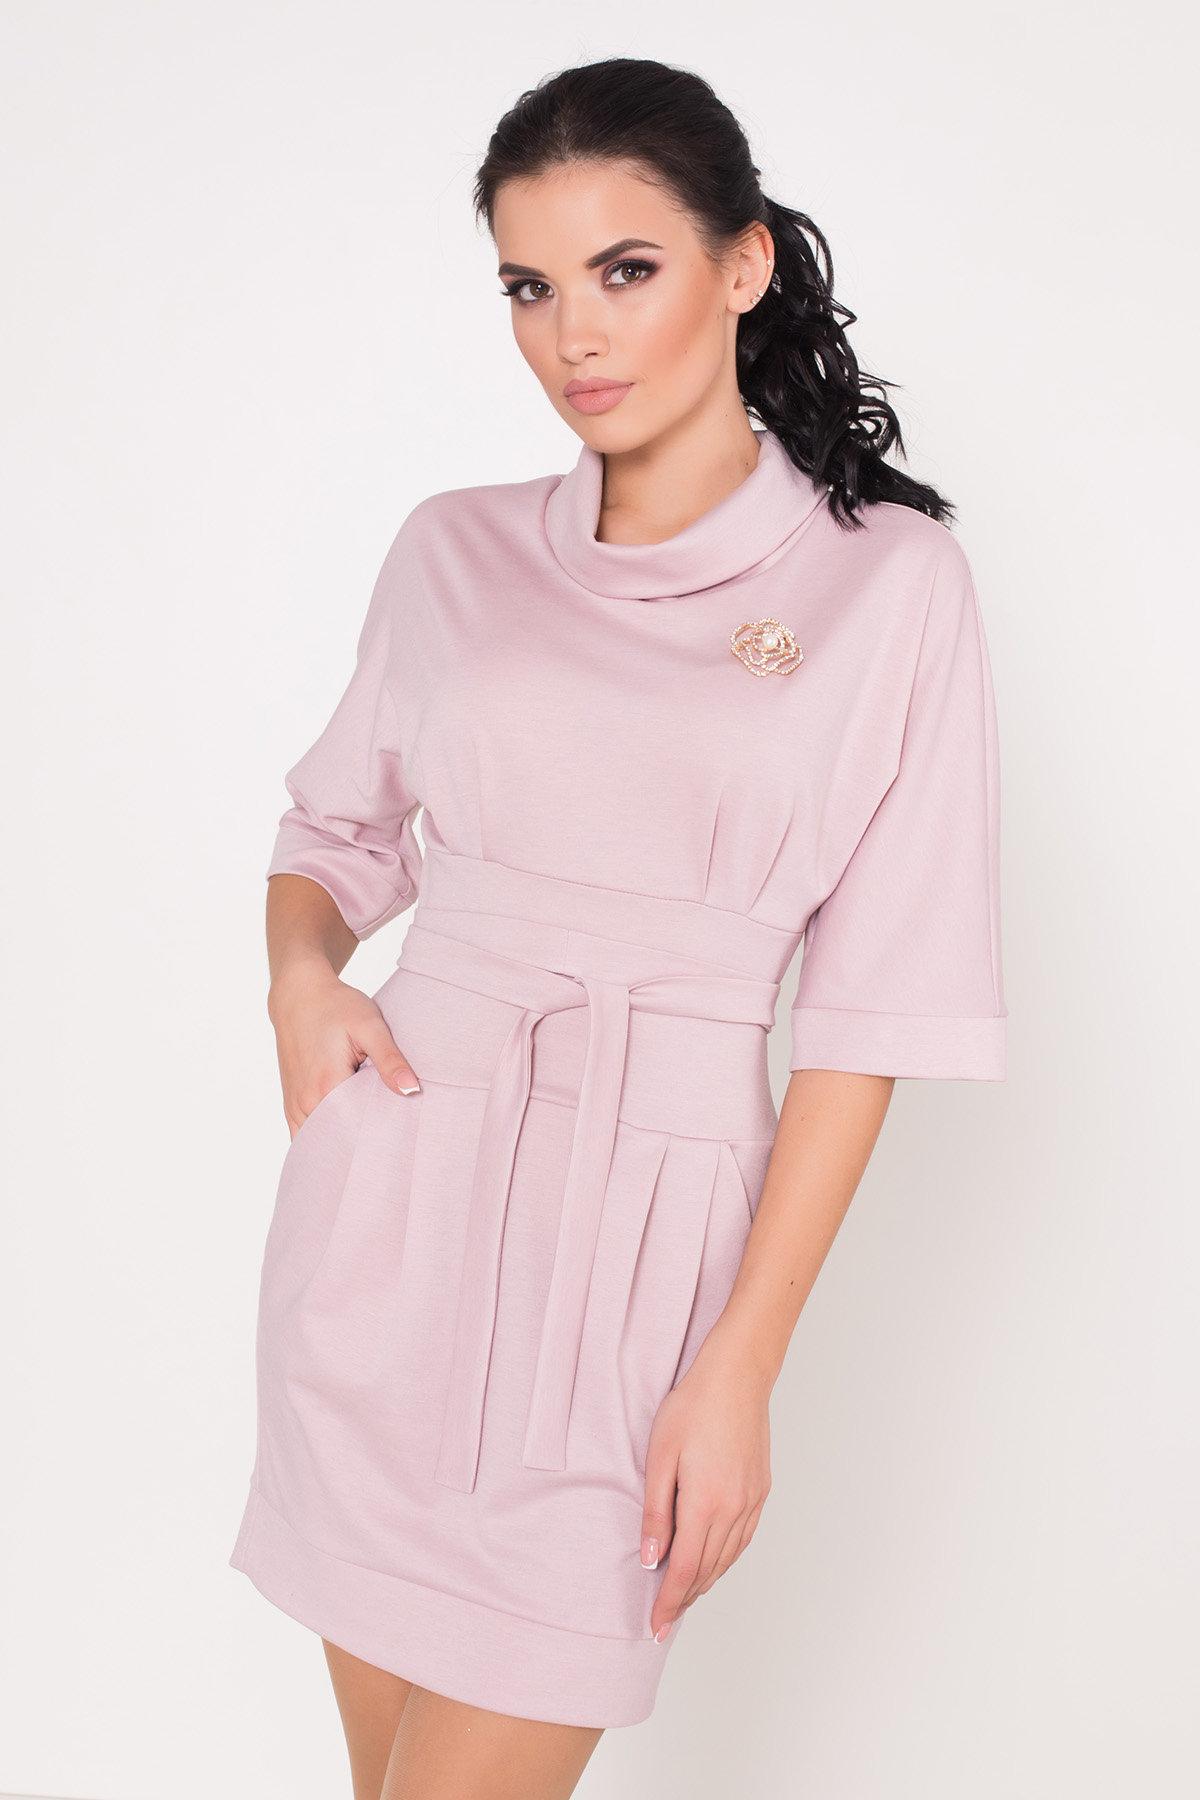 Трикотажное платье Вассаби 8478 АРТ. 44904 Цвет: розовый - фото 1, интернет магазин tm-modus.ru